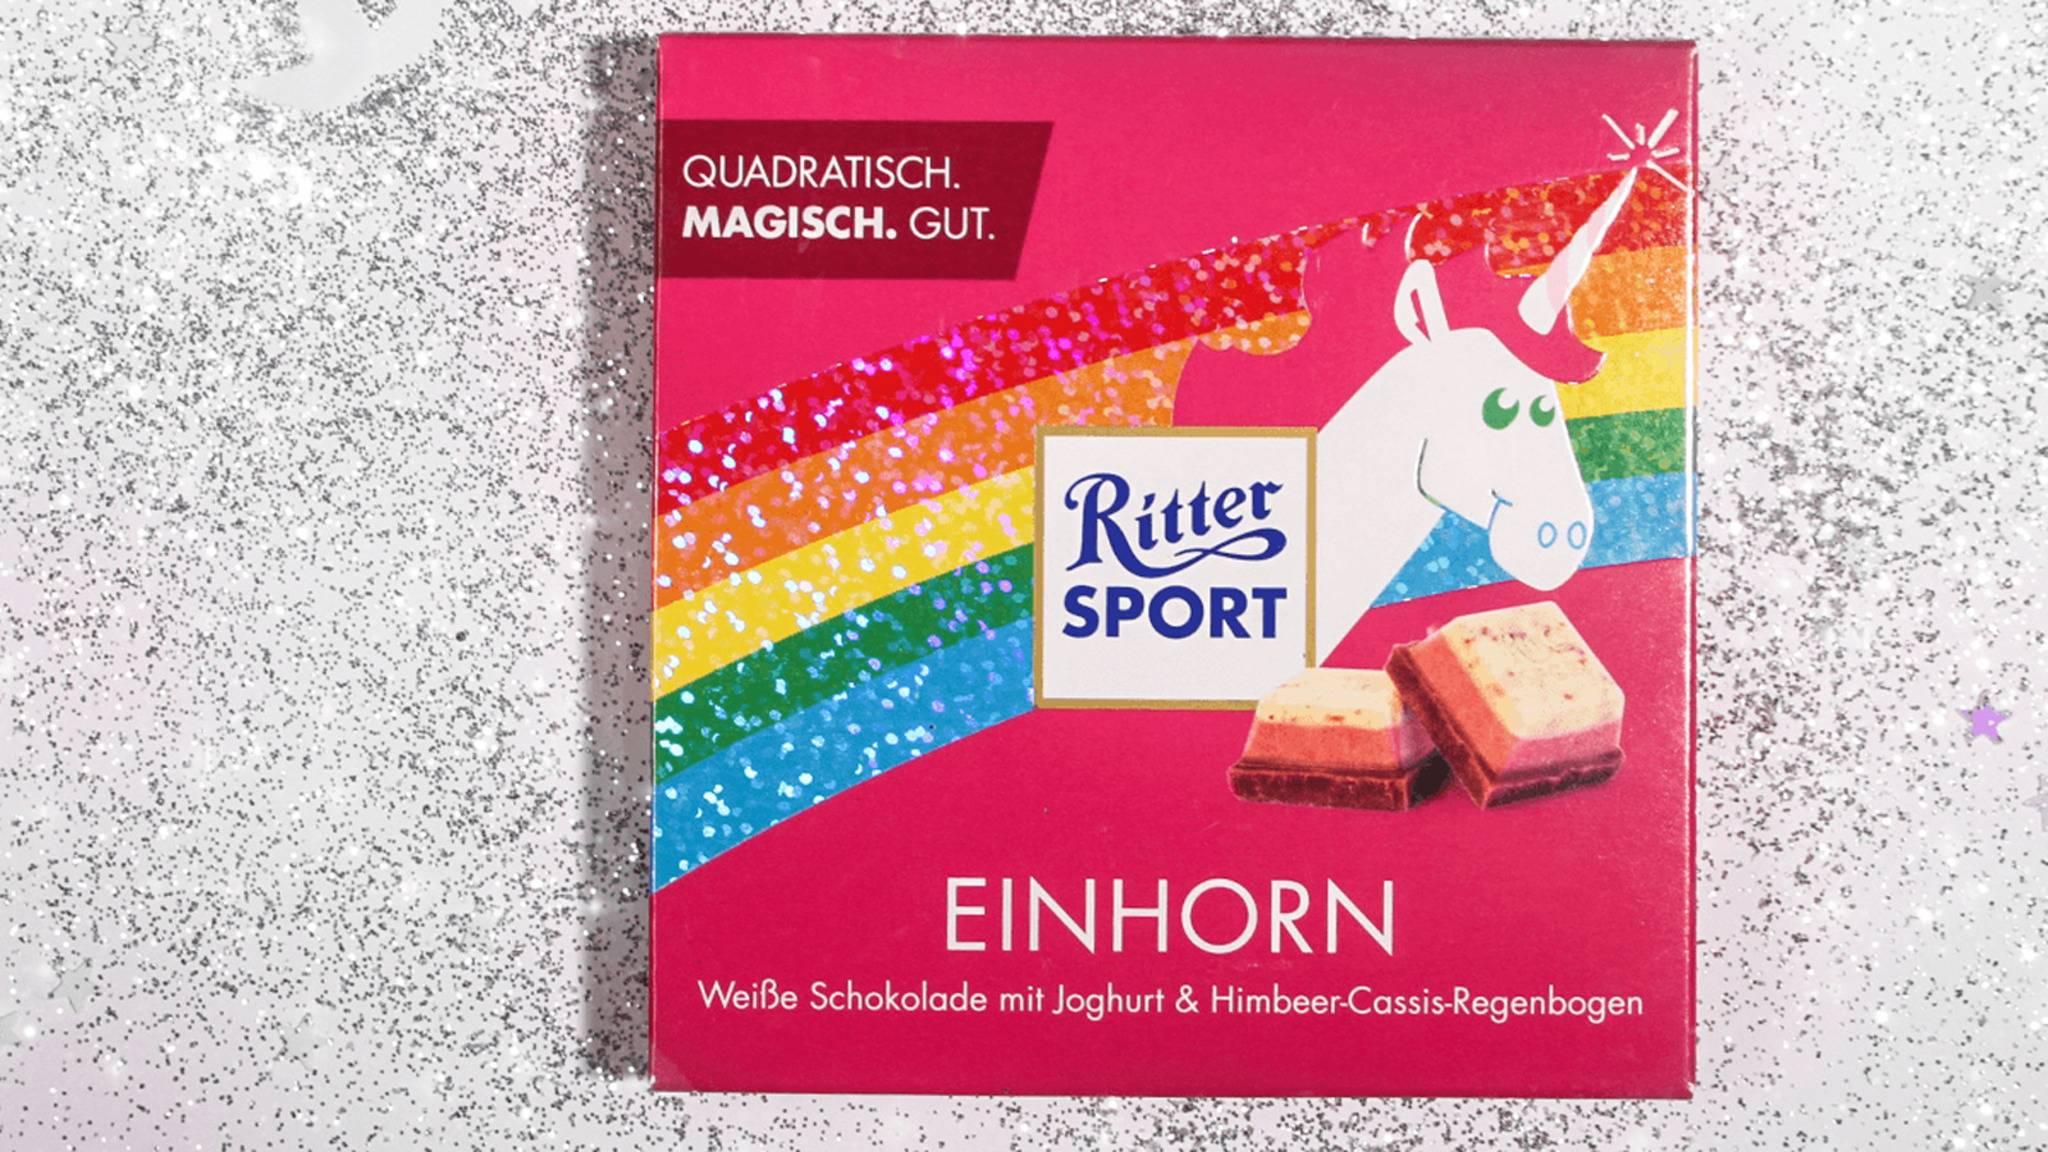 Glitzer gewinnt! Mit seiner Einhorn-Schokolade traf der Schoko-Hersteller Ritter Sport mitten ins Herz seiner Fans.